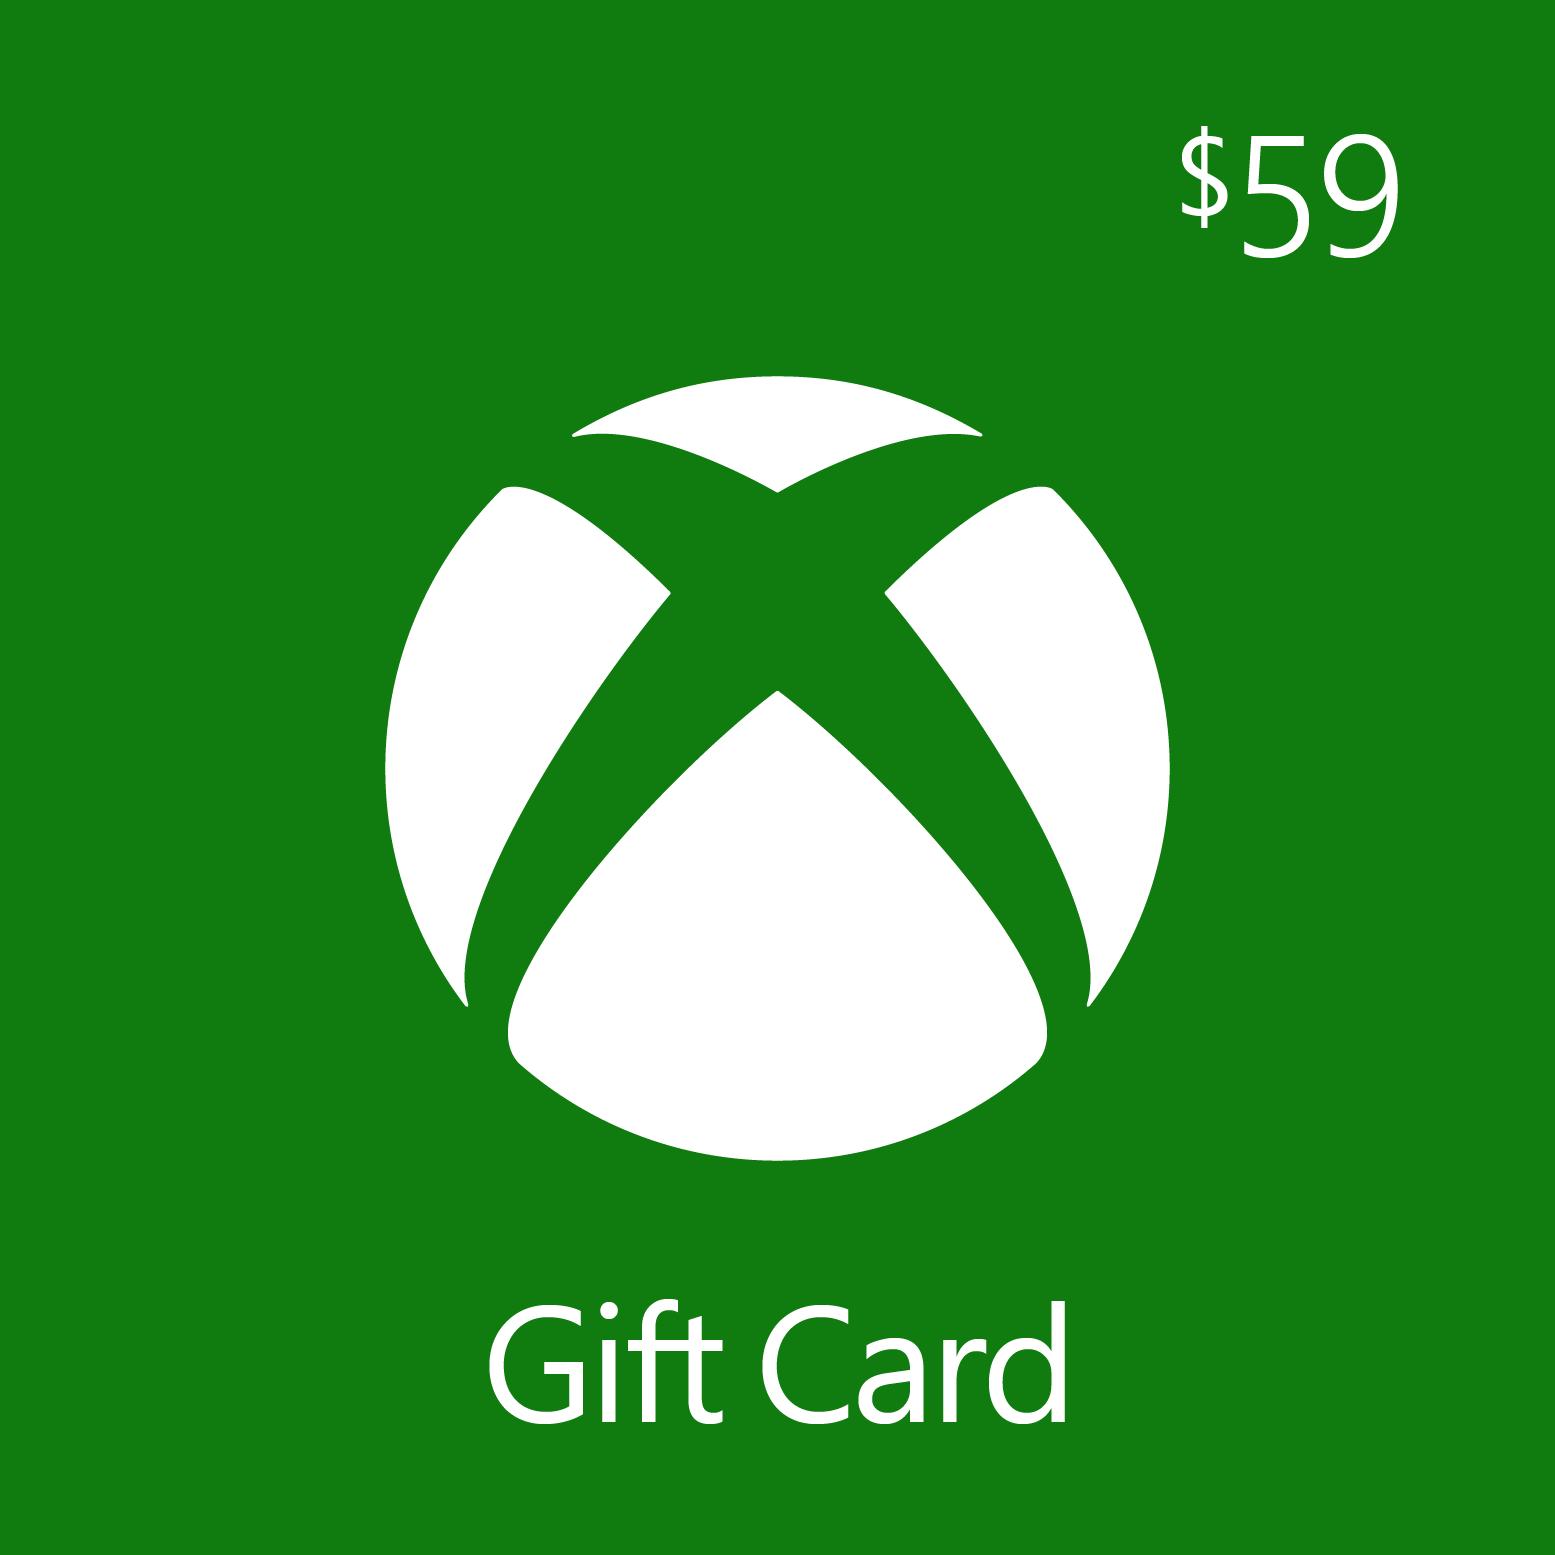 $59.00 Xbox Digital Gift Card